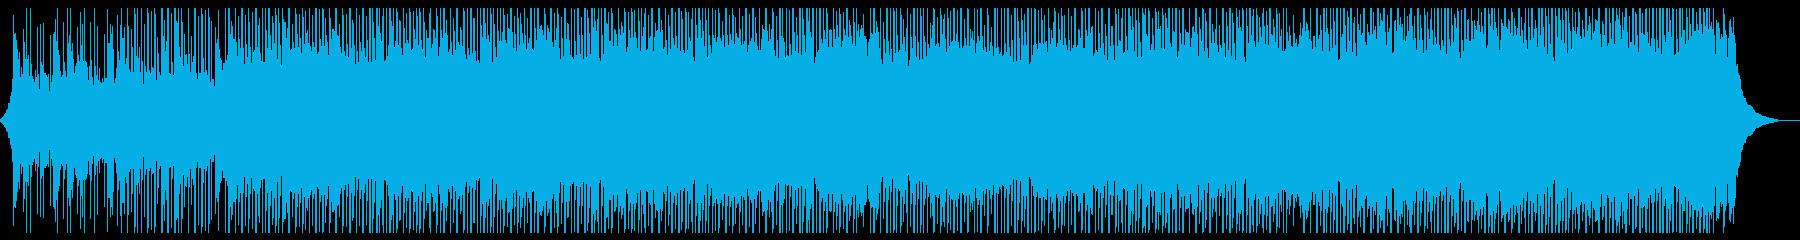 広告音楽の再生済みの波形